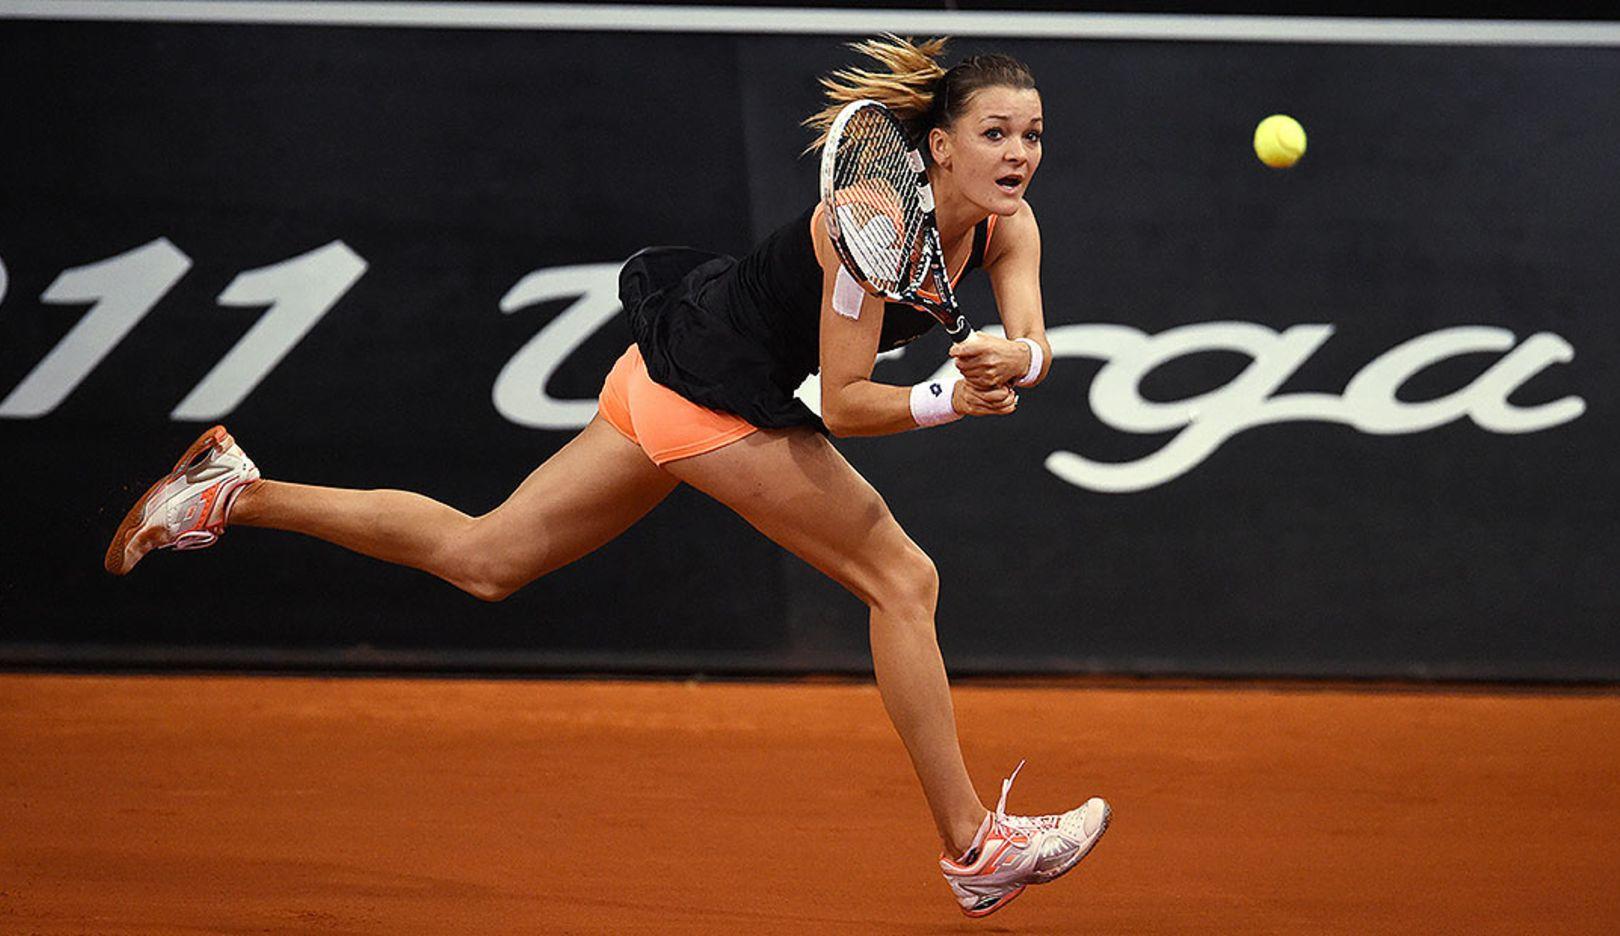 Agnieszka Radwanska, Porsche Tennis Grand Prix, 2014, Porsche AG